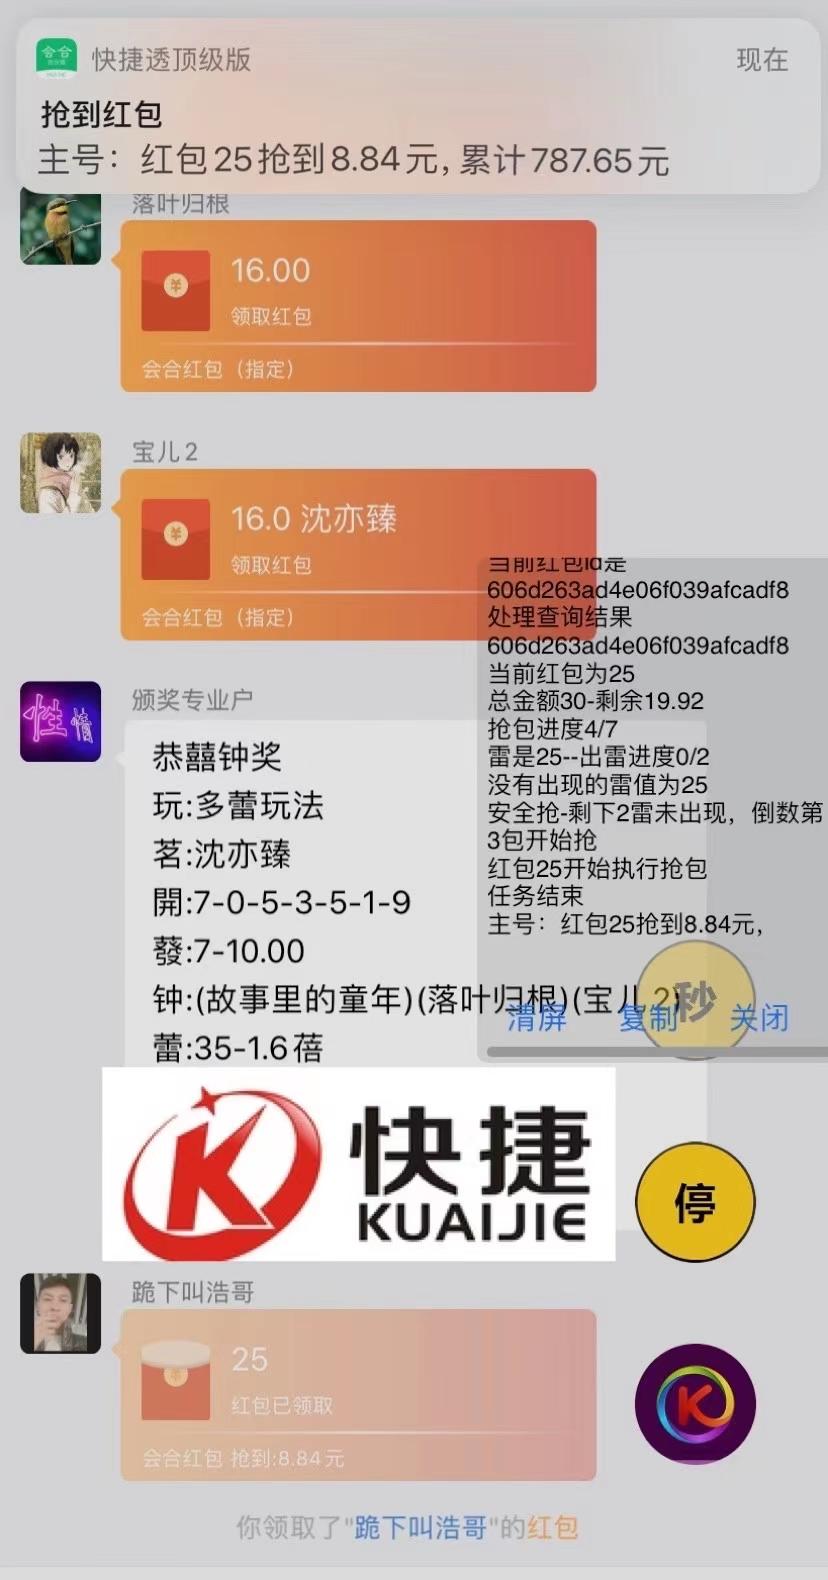 【会合快捷透小时卡】苹果版